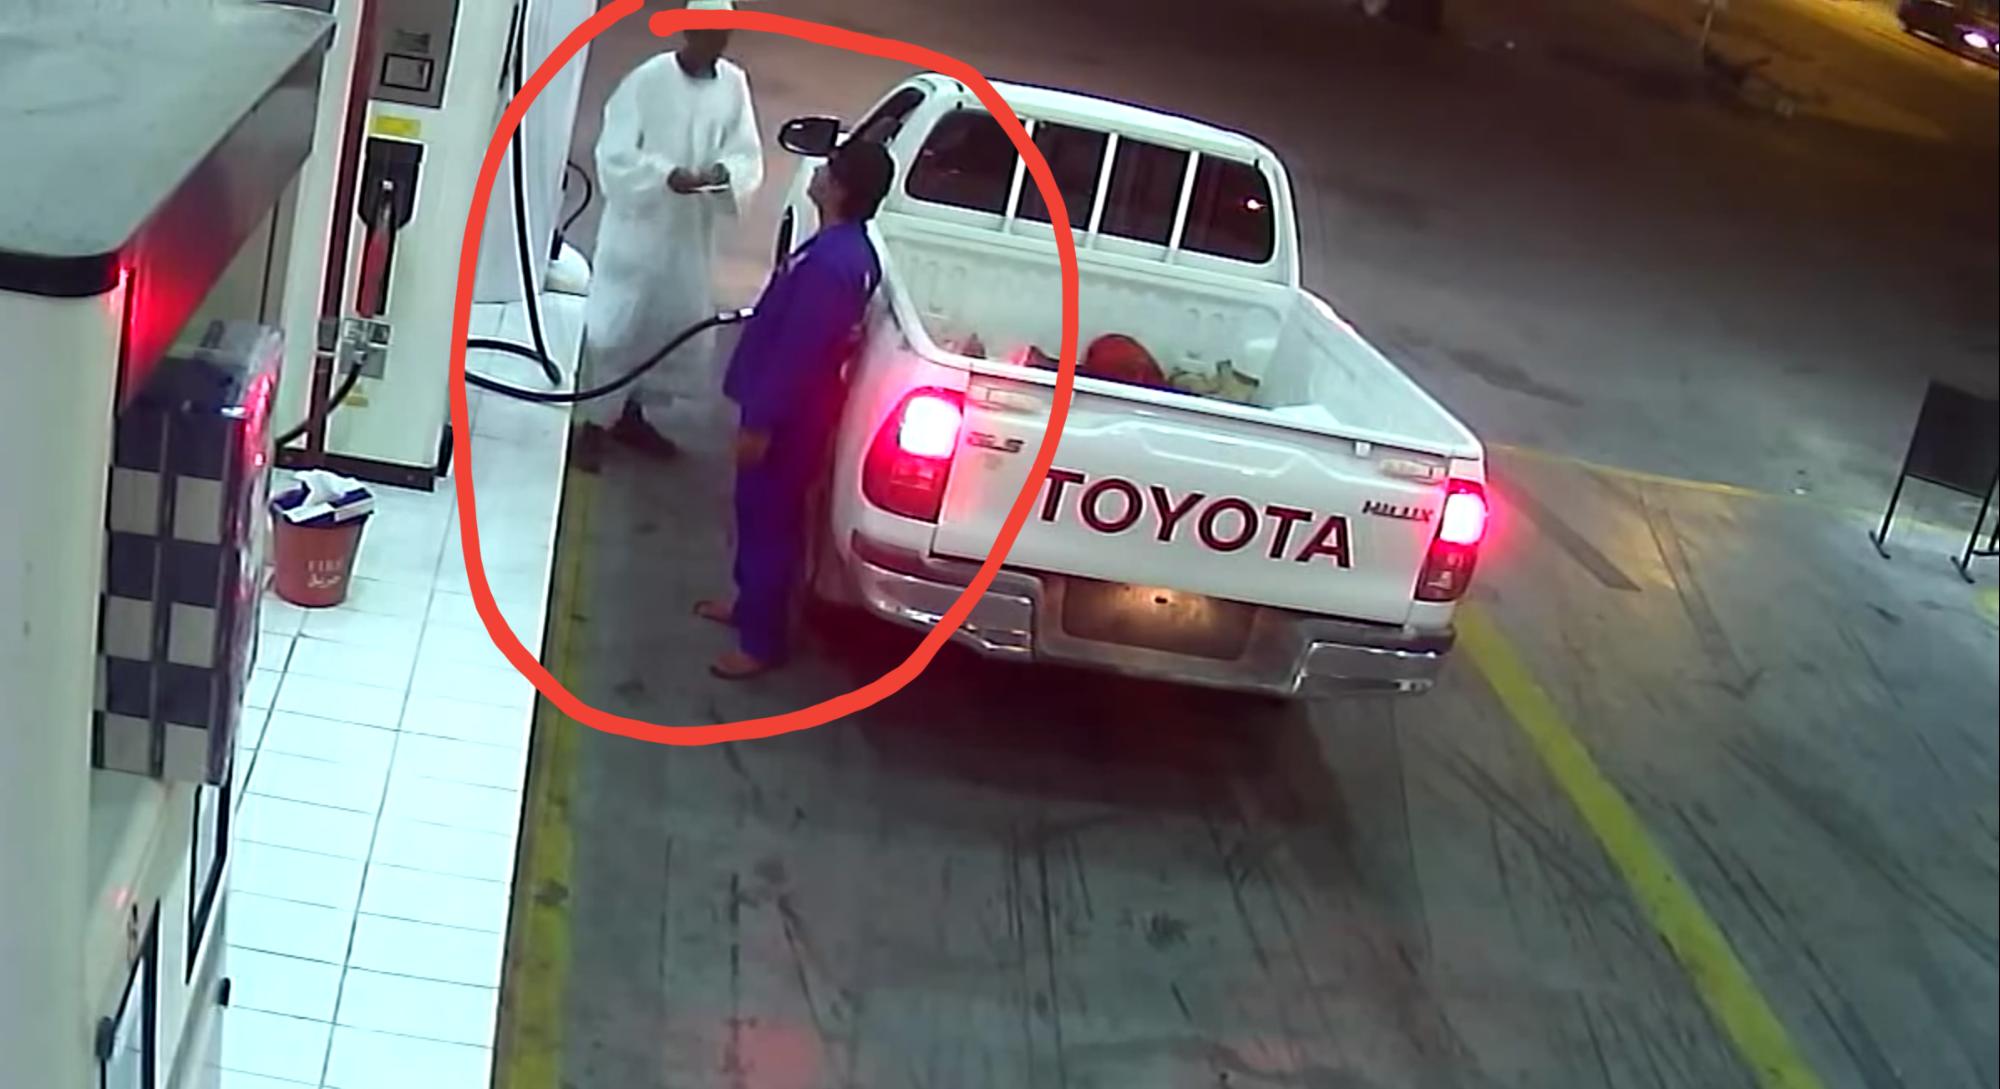 فيديو هروب هايلوكس من محطة وقود وقفز السوداني إلى حوض السيارة